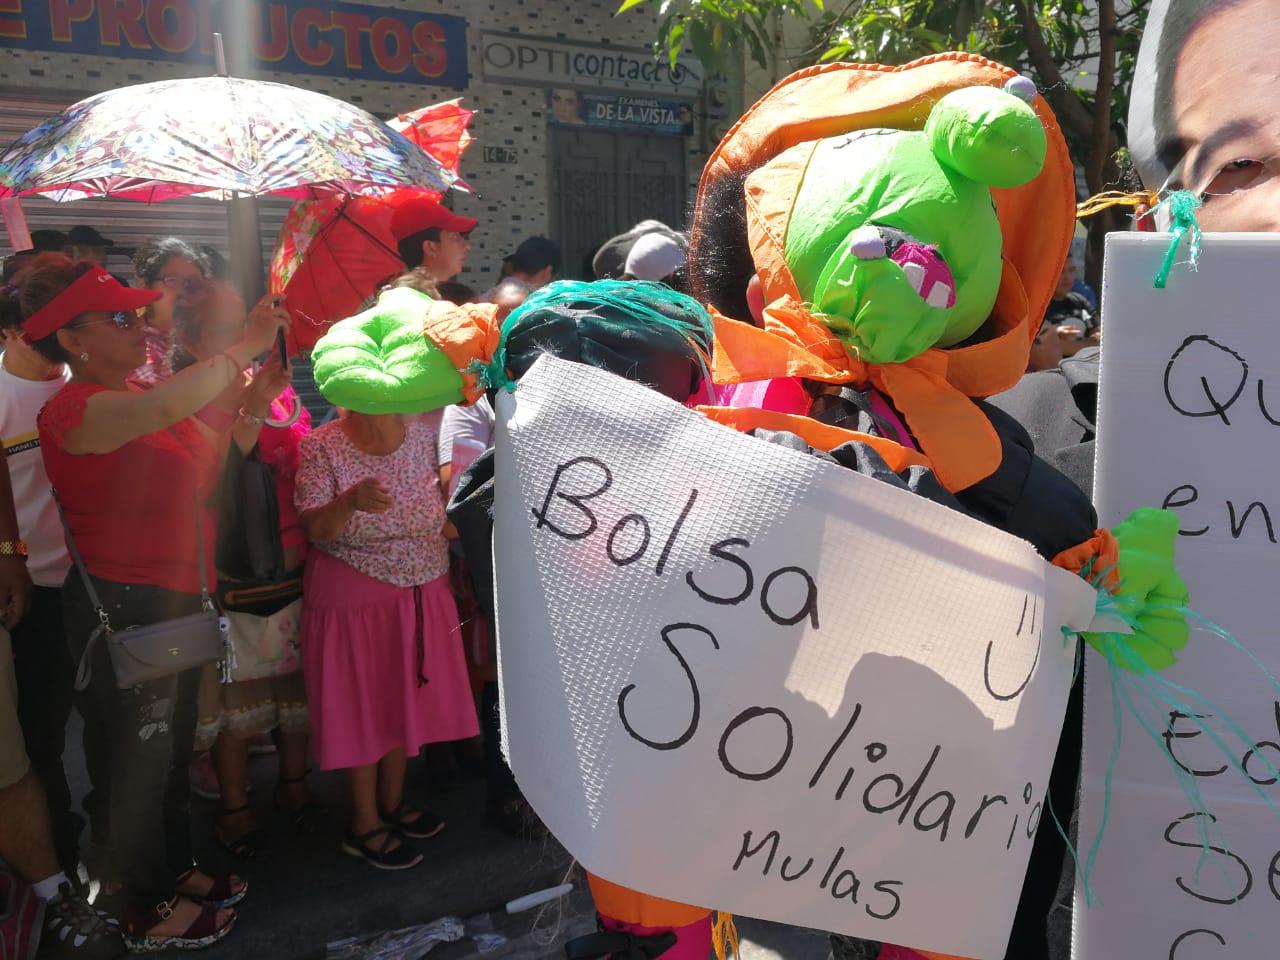 Los estudiantes también criticaron los ofrecimientos políticos. Foto Prensa Libre: Juan Diego González